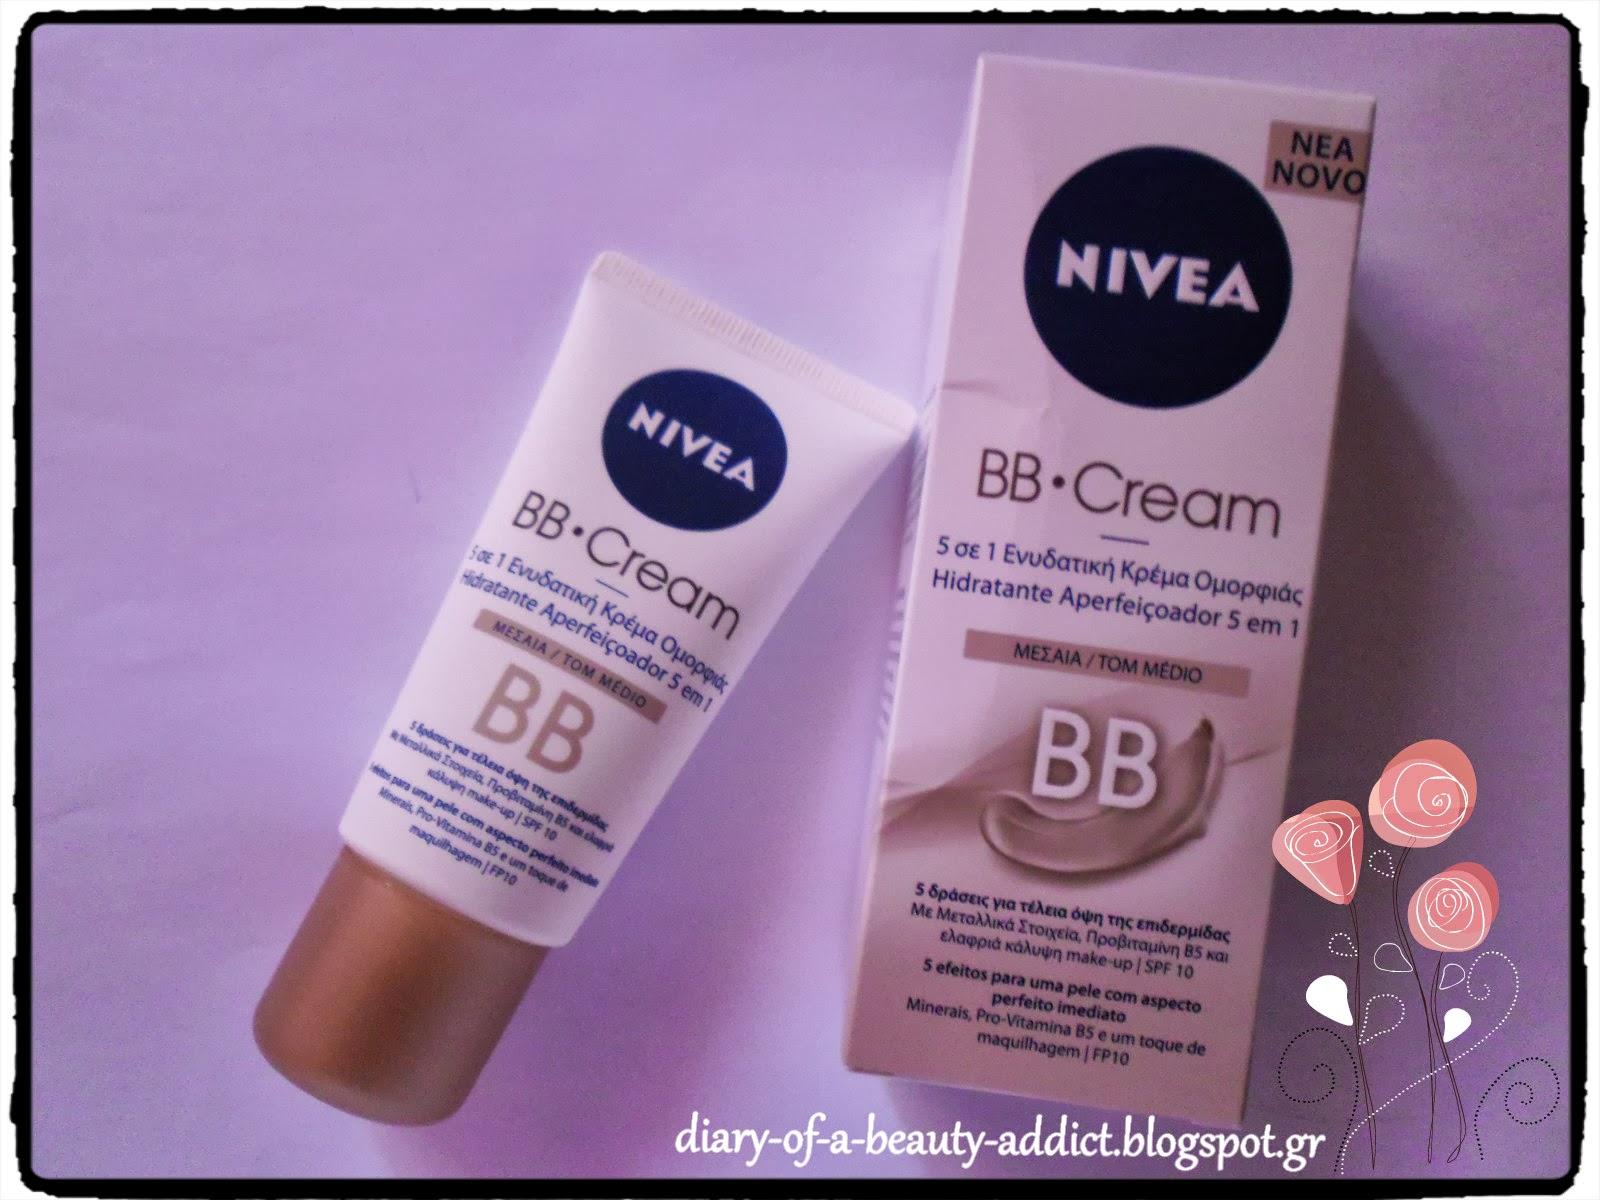 Nivea BB Cream/ΜΕΣΑΙΑ